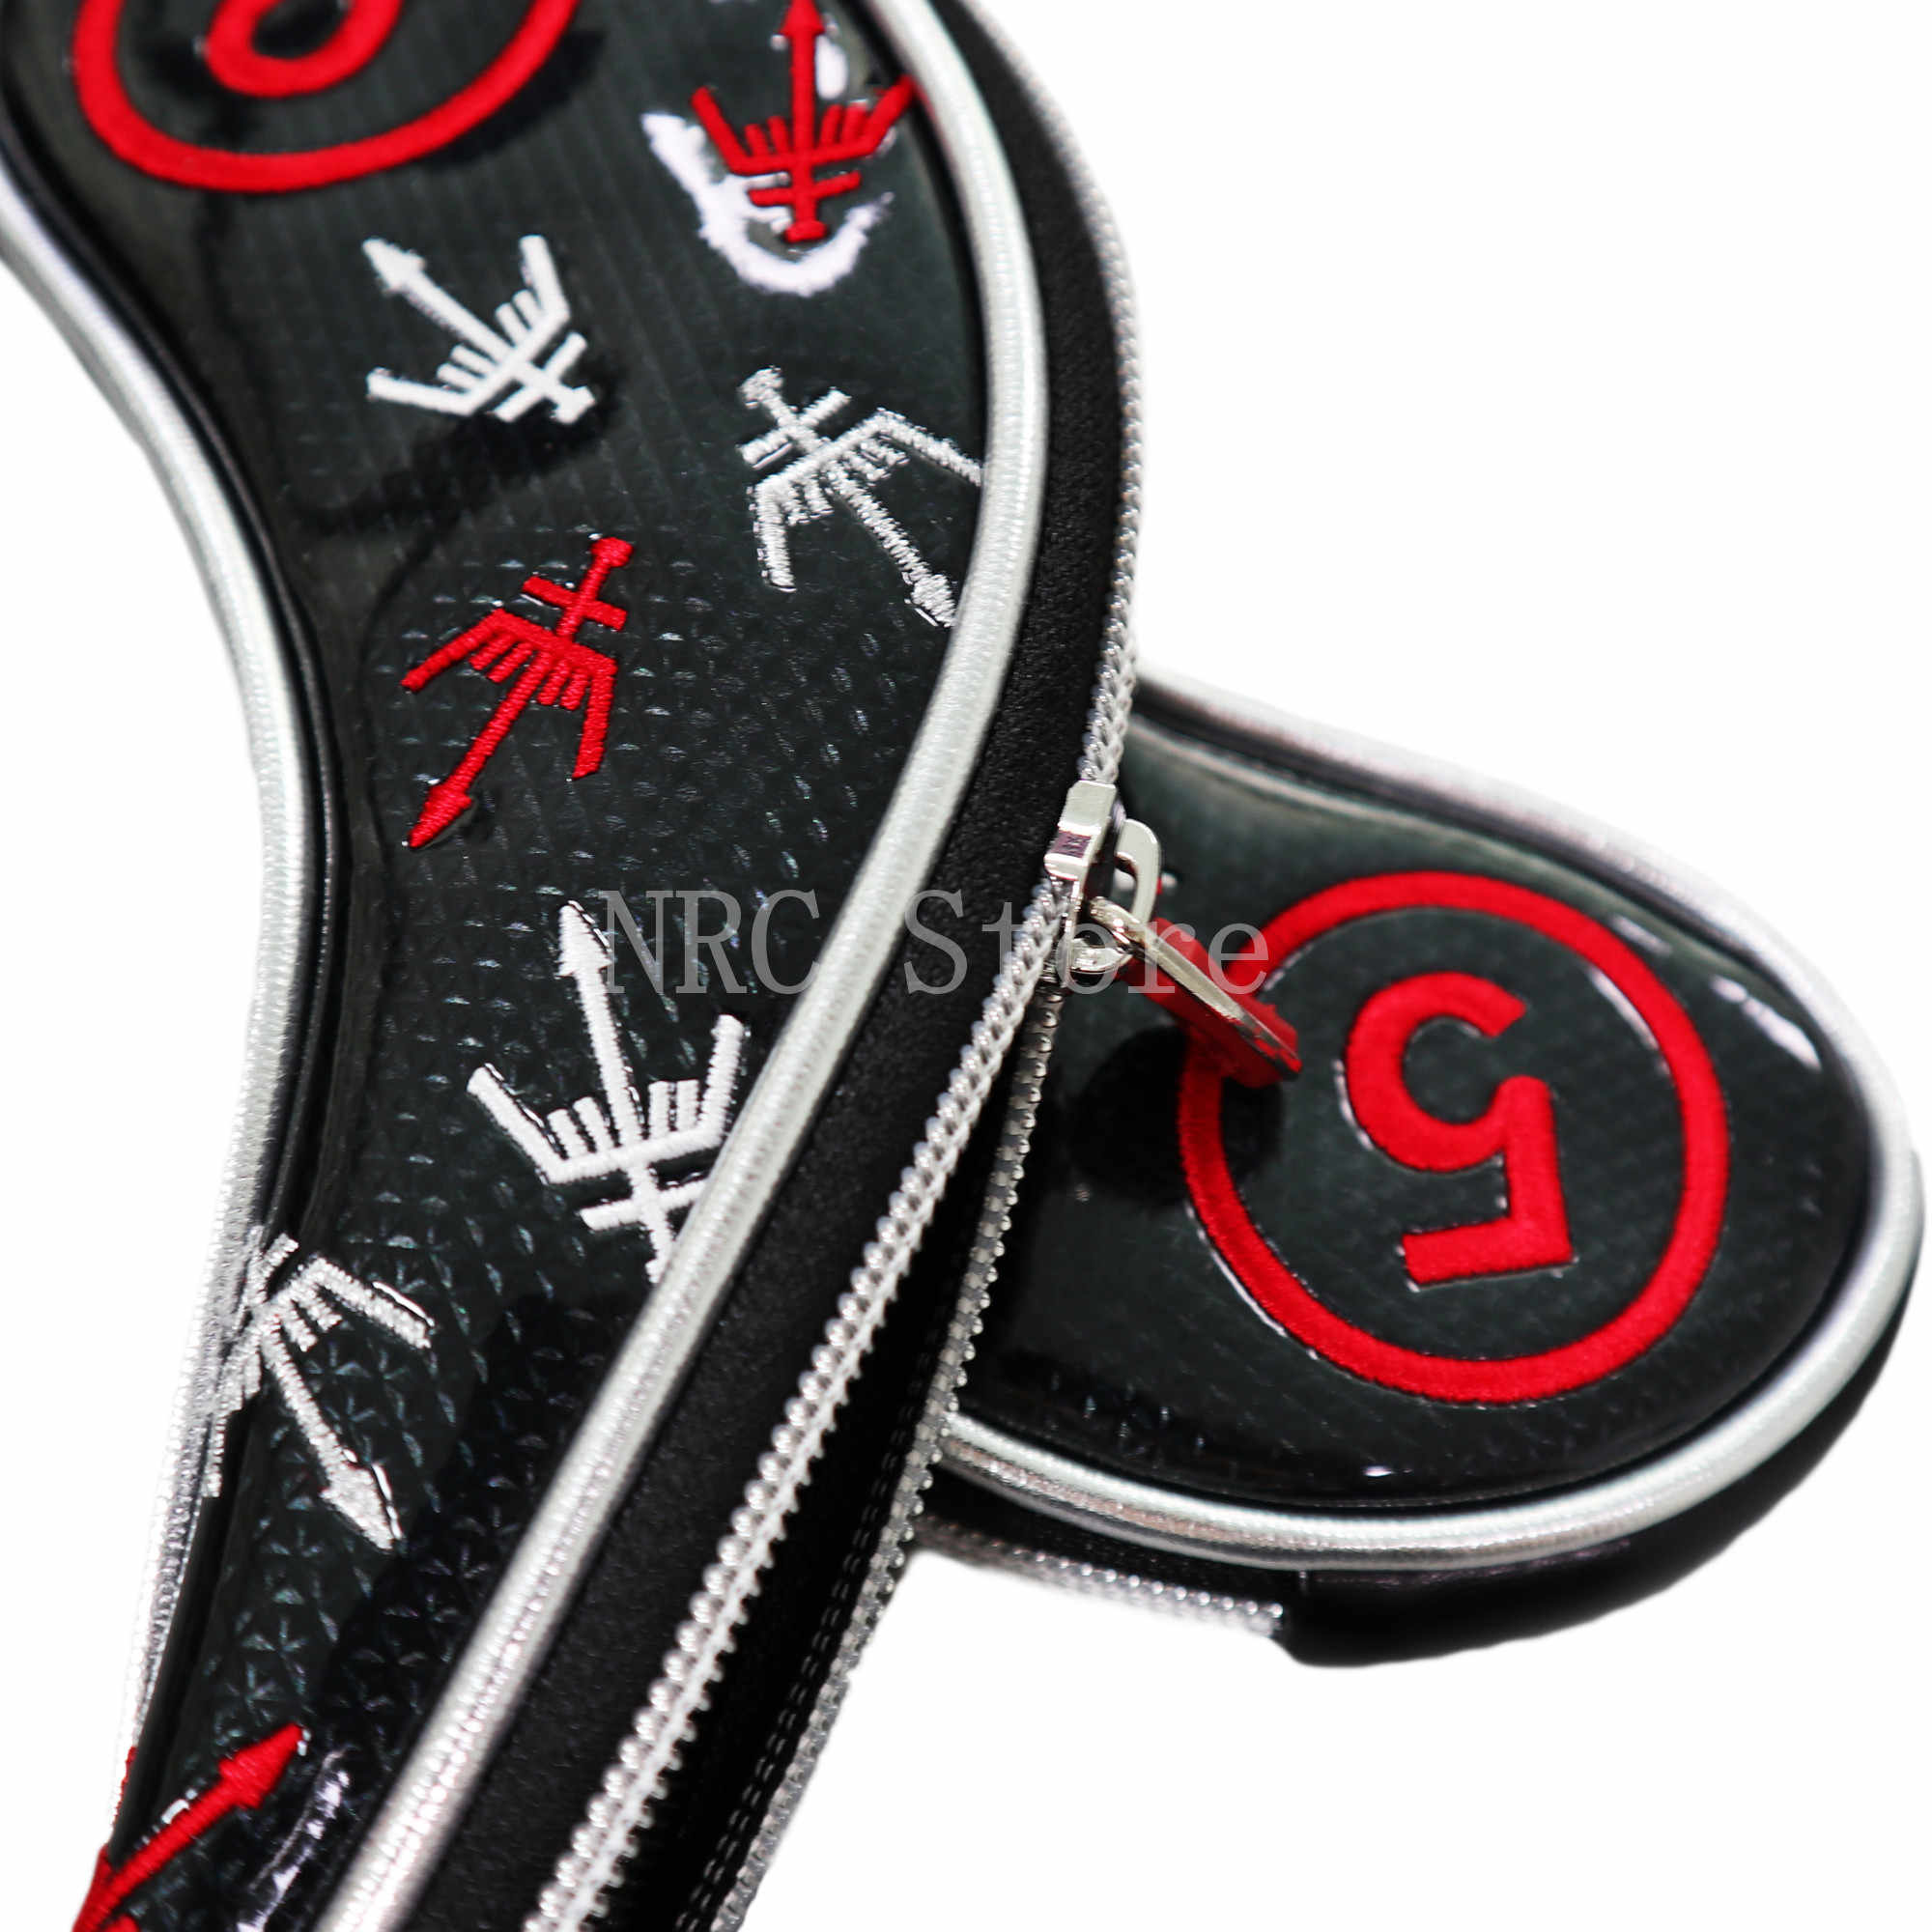 Металлические головные уборы NRC для гольфа, синтетическая кожа по индивидуальному заказу, 9 шт. (4,5,6,7,8,9,P,S,A), комплект с защитной крышкой на молнии